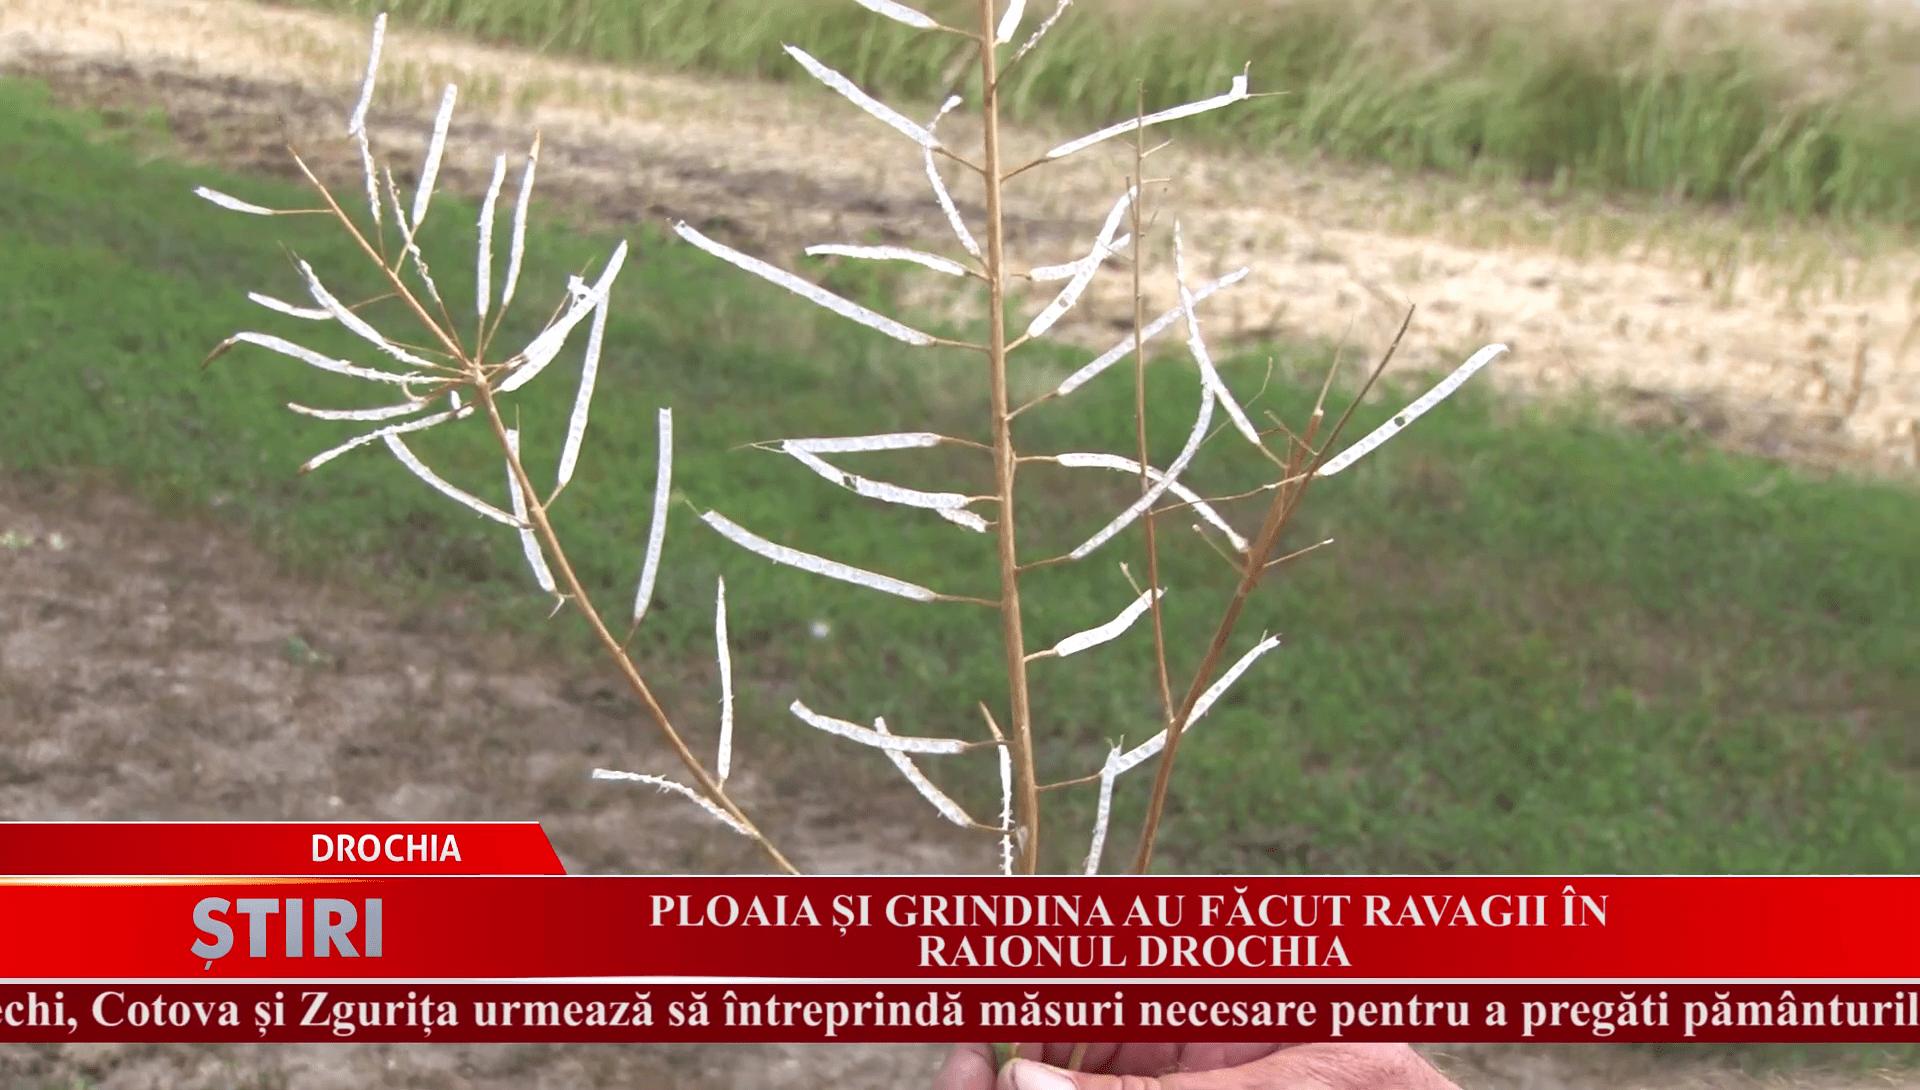 Ploaia și grindina au făcut ravagii în raionul Drochia